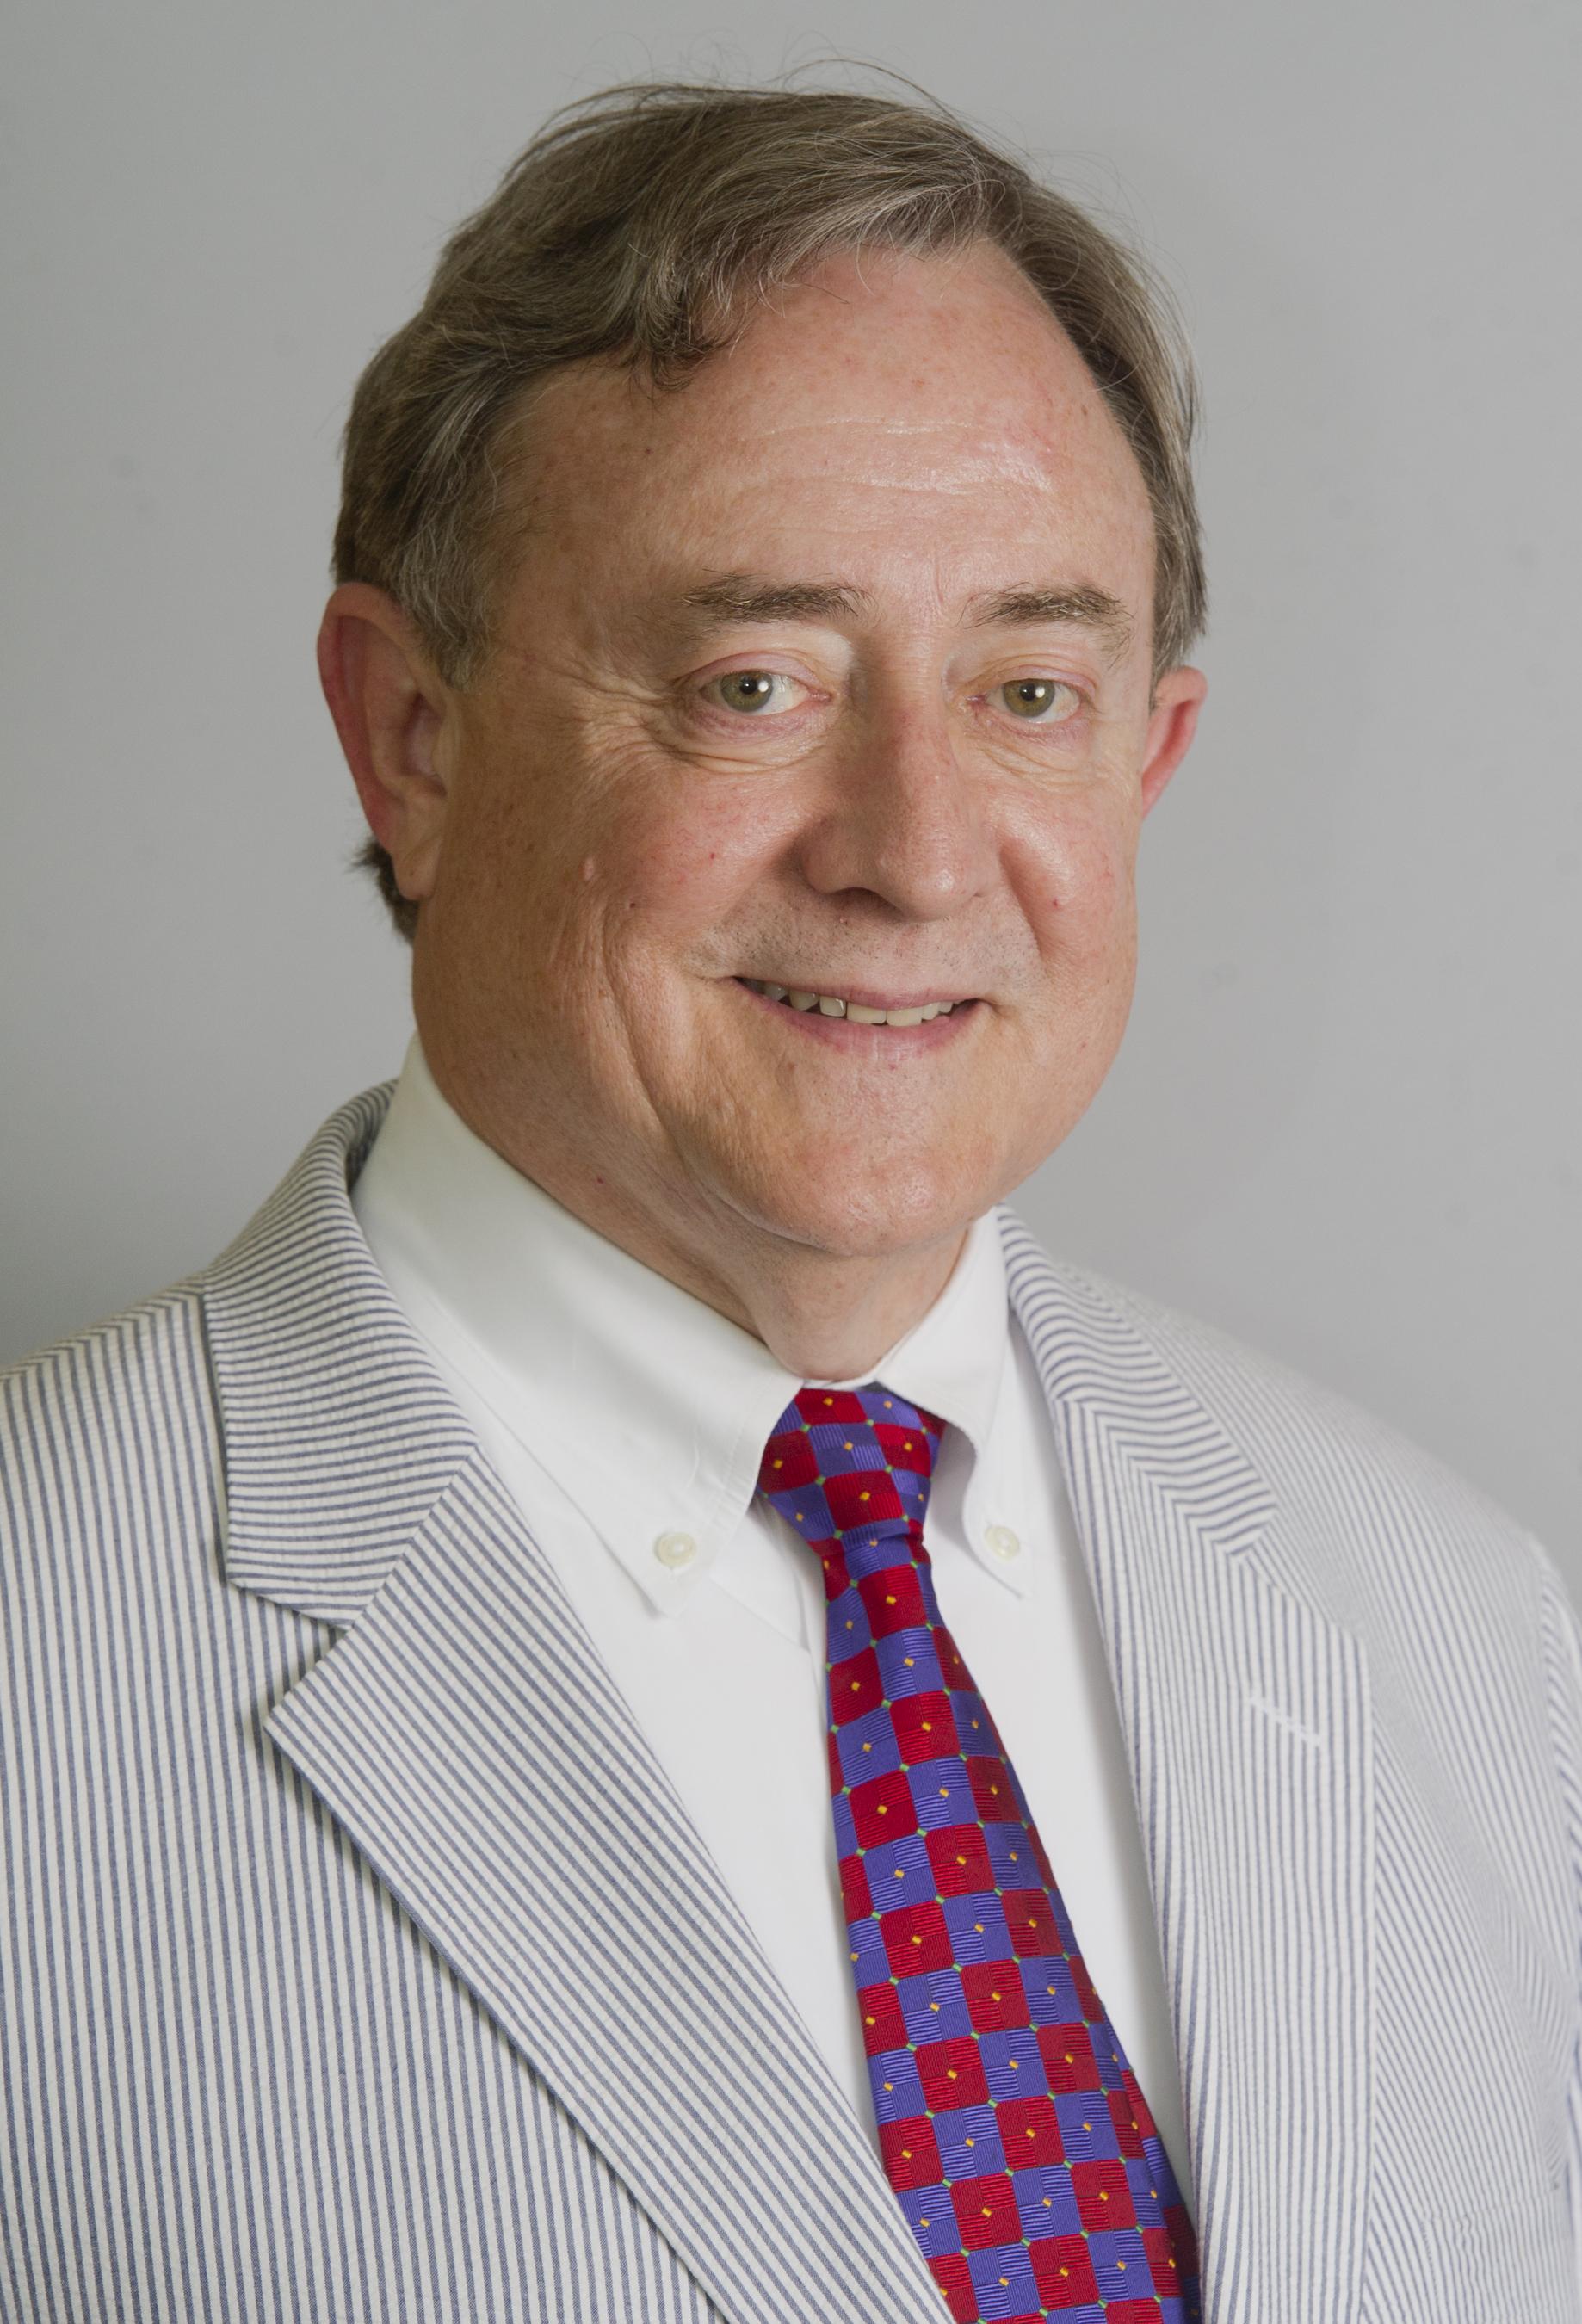 Tom Cauthorn